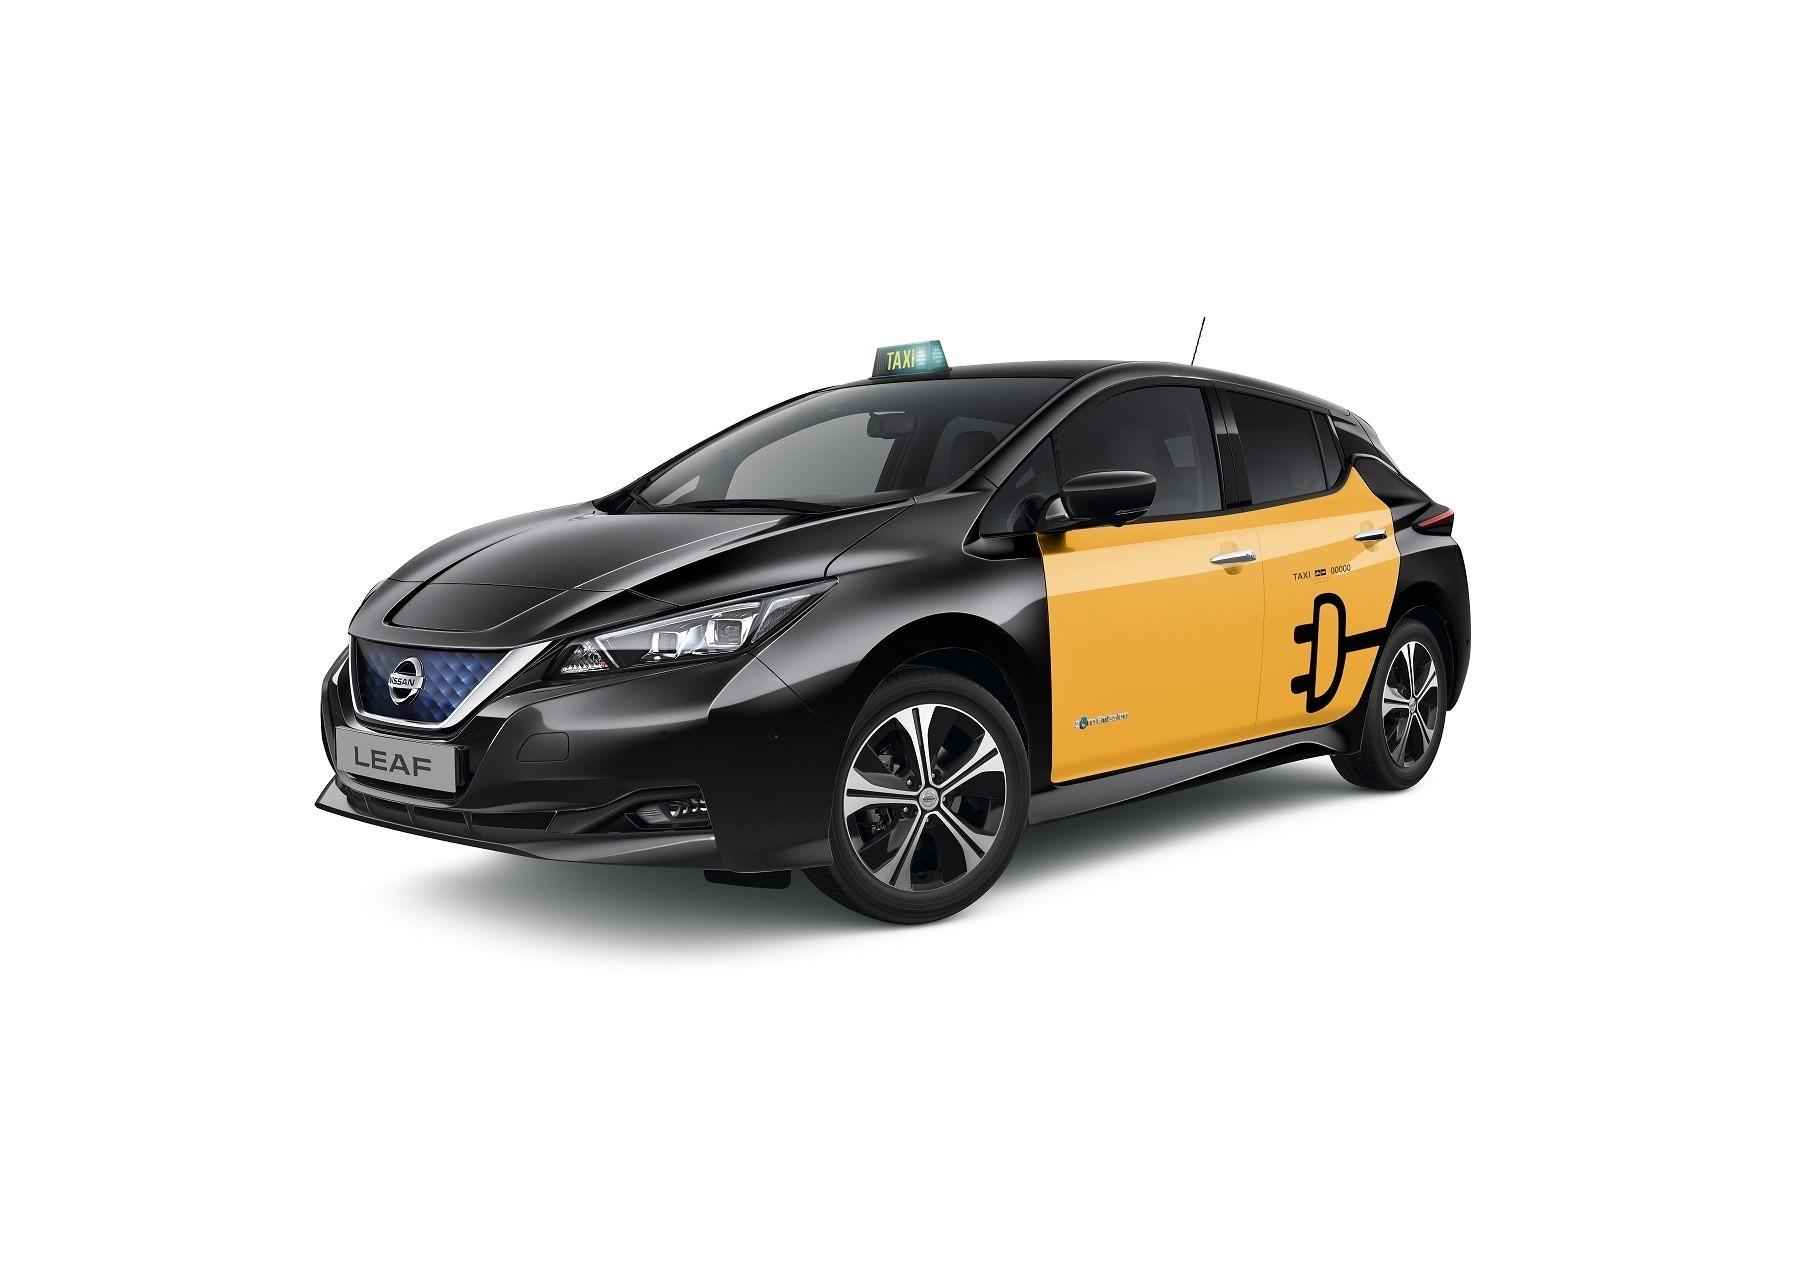 Η Nissan συνεργάζεται με την πλατφόρμα κινητικότητας FREE NOW